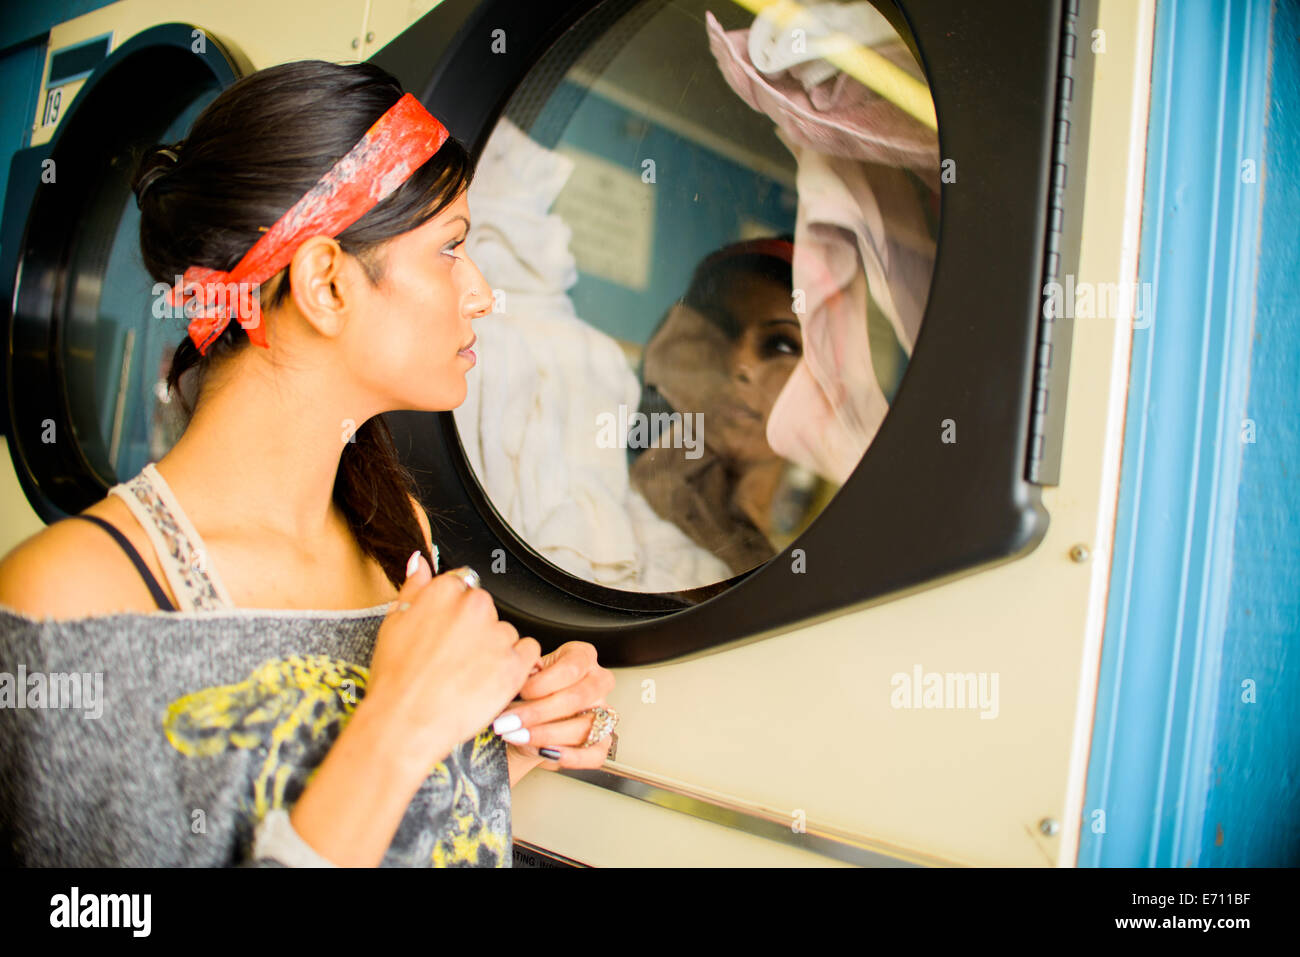 Joven en lavadero, viendo en la máquina de lavado Imagen De Stock